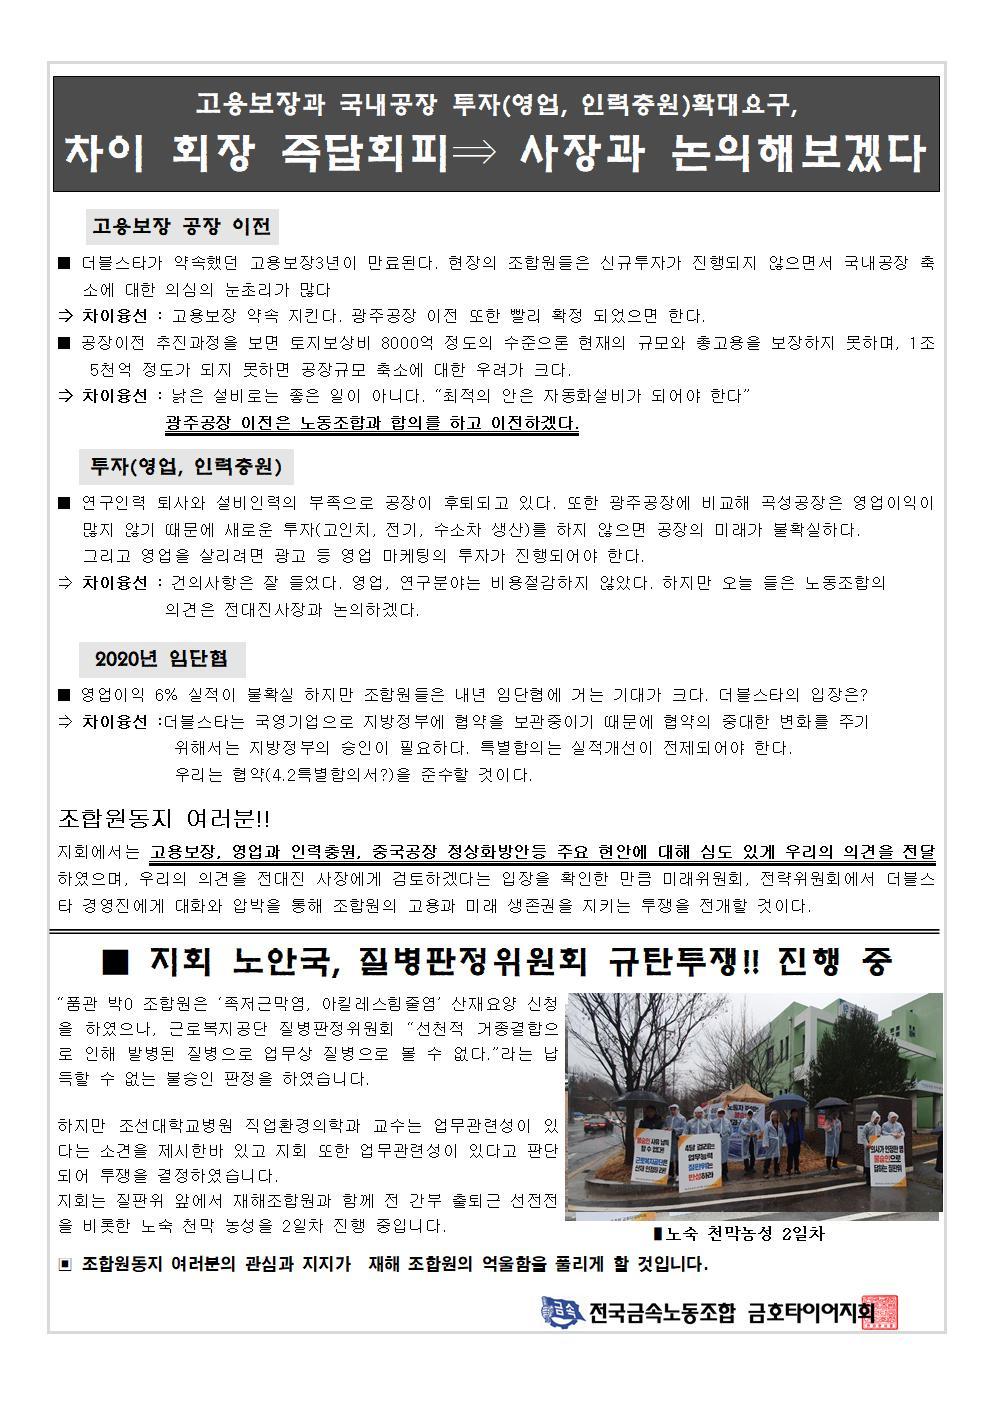 9-22 확정중국차이방문002.jpg